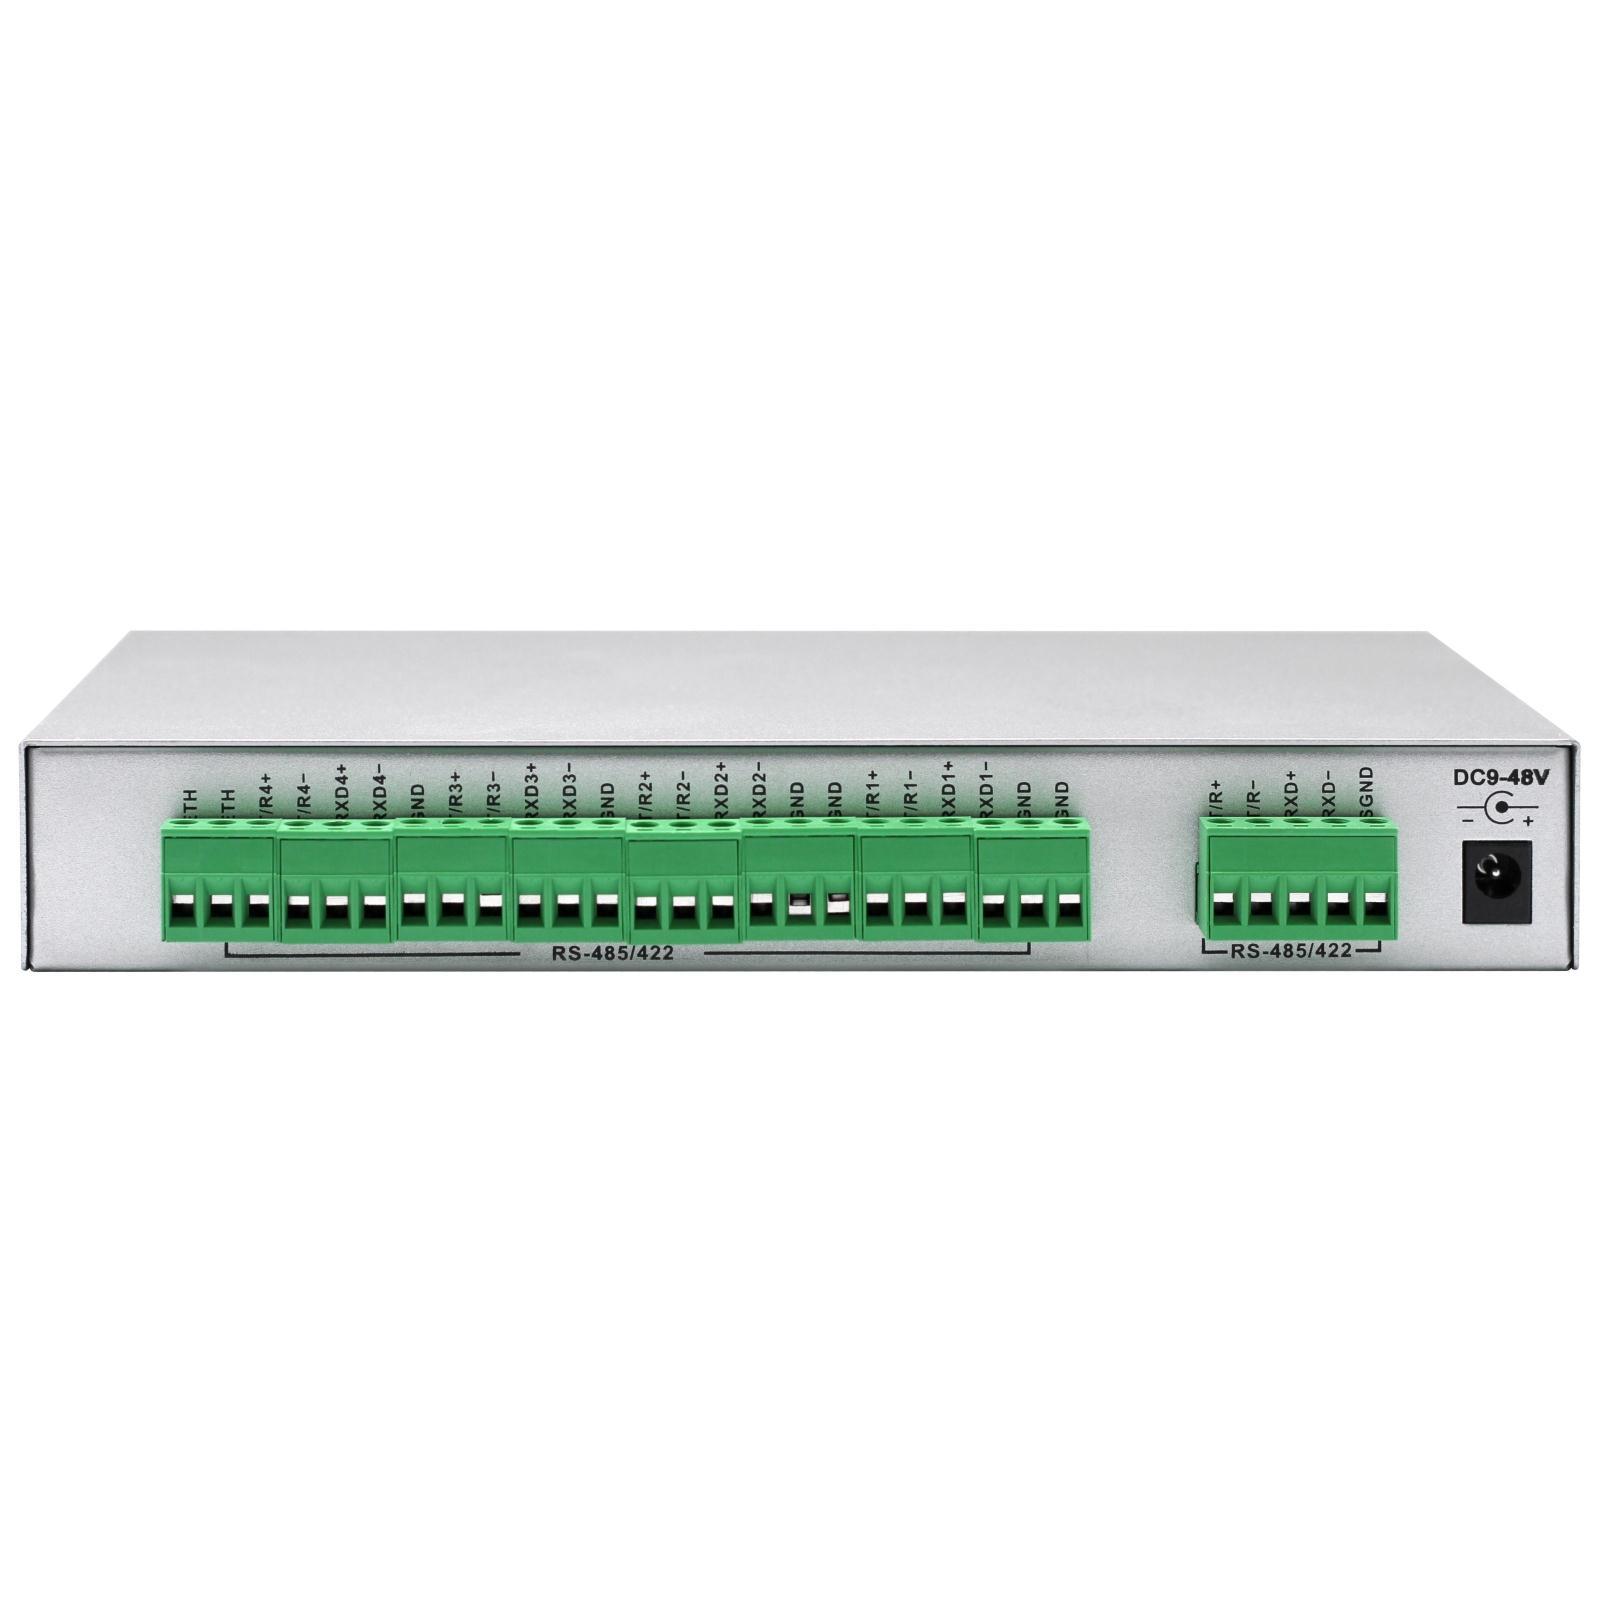 宇泰ut-1304 RS485集线器4路RS485/422智能分线器光电隔离485HUB